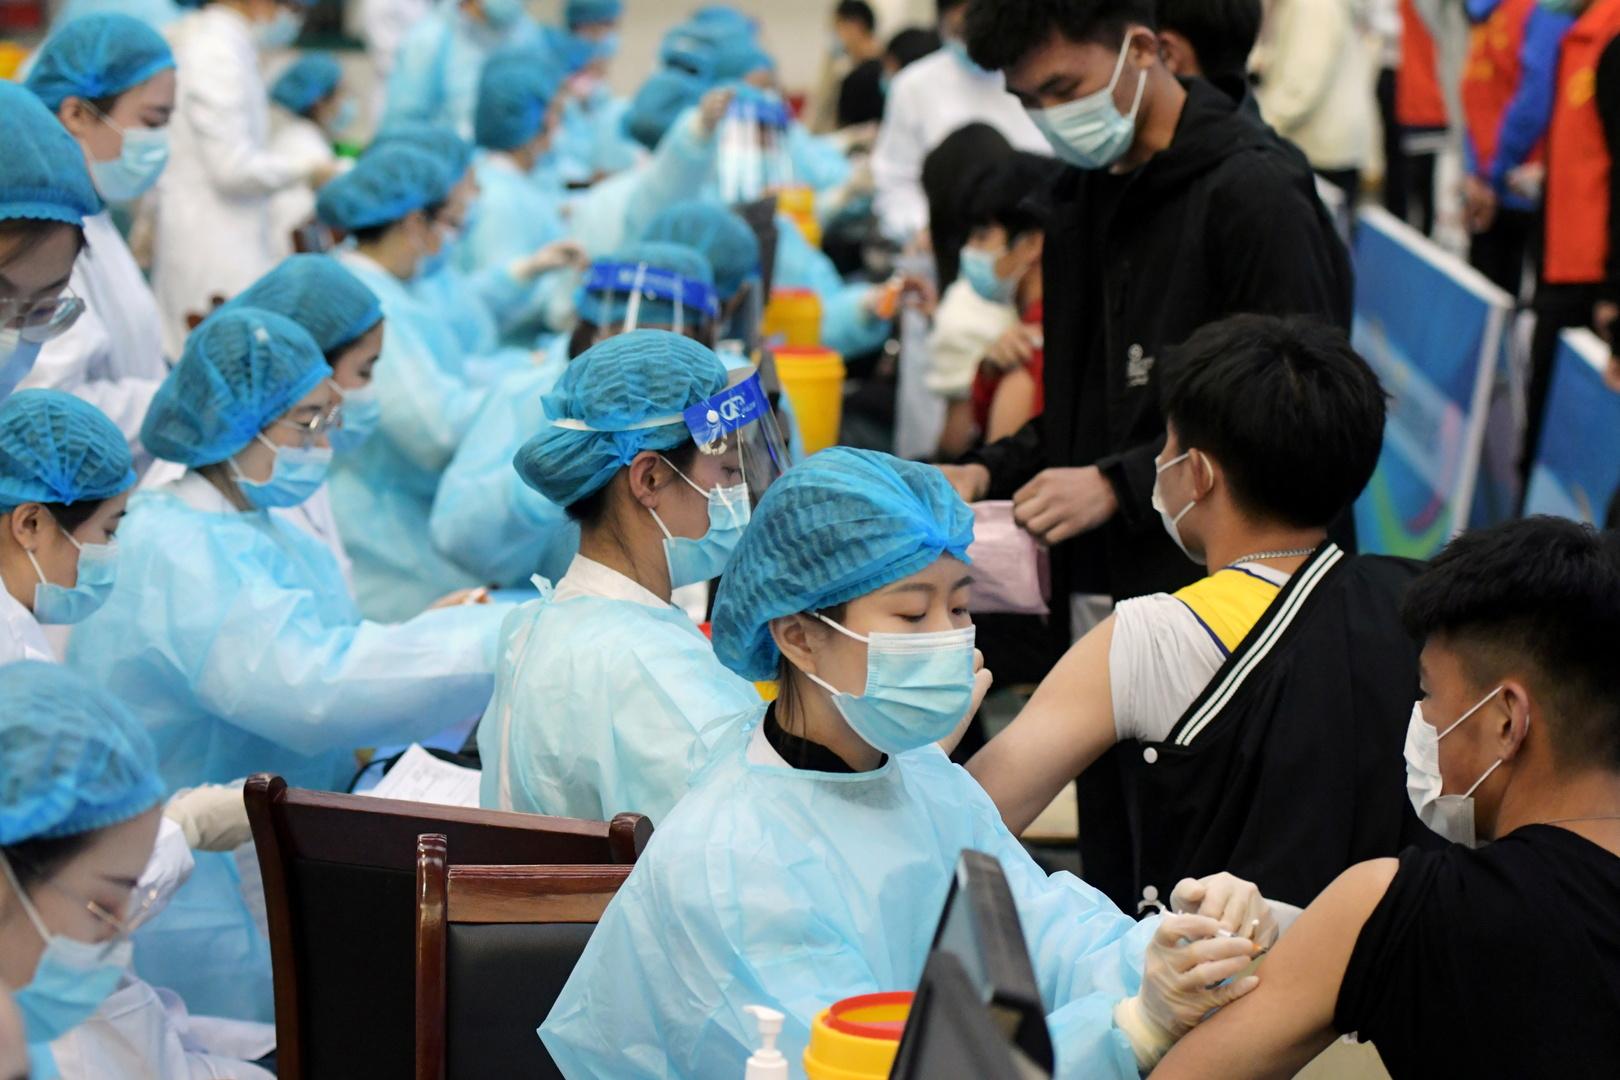 الصين تعلن حقن أكثر من مليار جرعة من اللقاح المضاد لفيروس كورونا